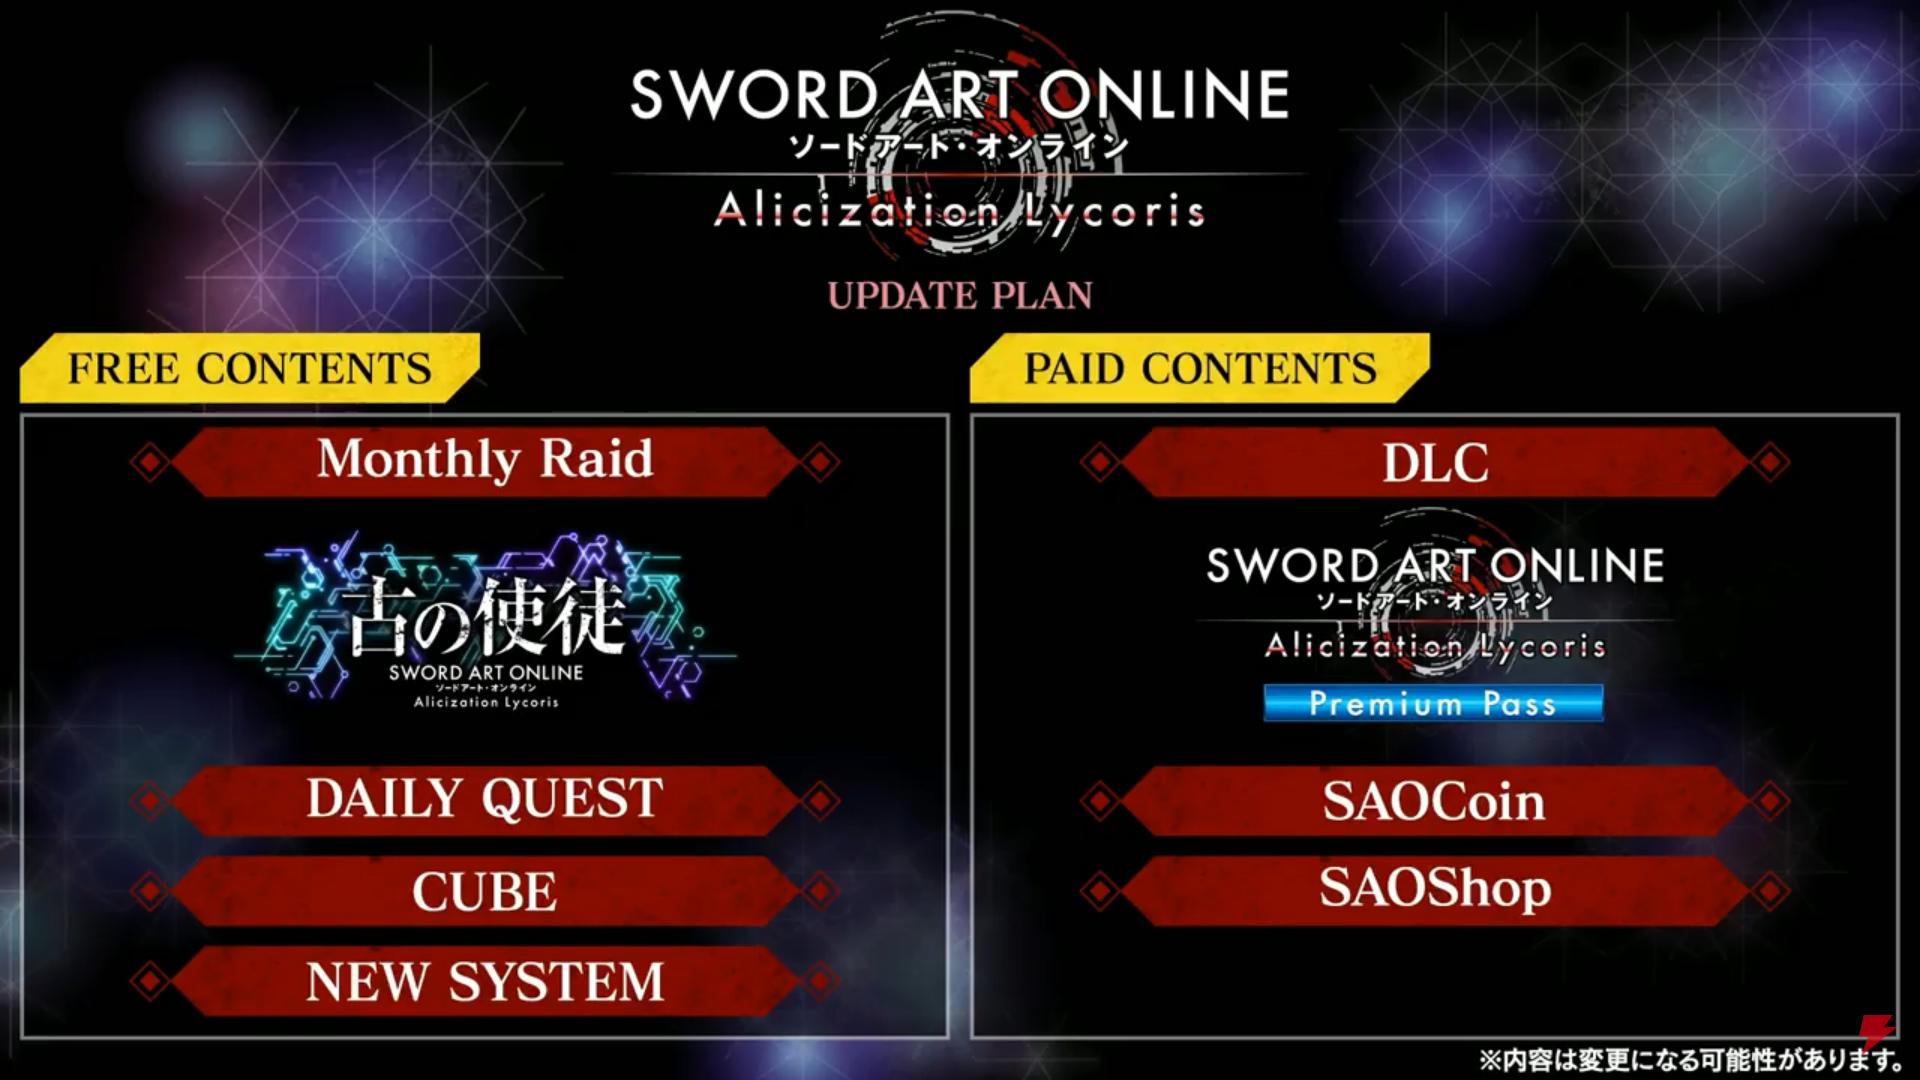 Новый рекламный ролик и новые подробности о Sword Art Online: Alicization Lycoris